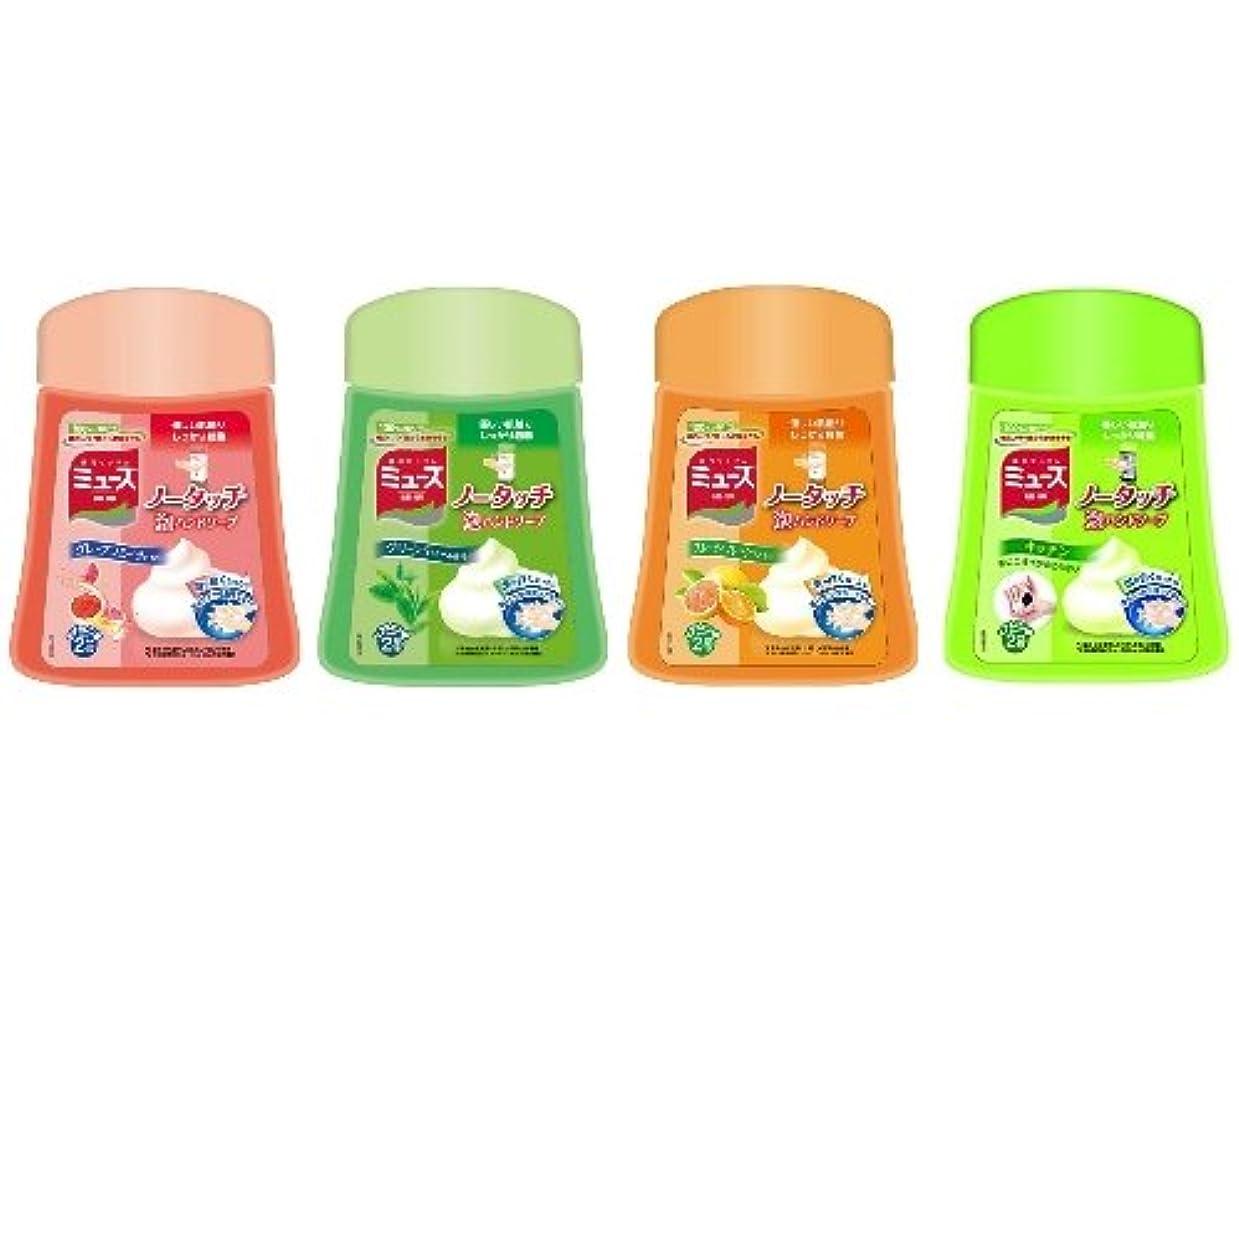 師匠ソロ動機ミューズ ノータッチ 泡ハンドソープ 詰替え 4種の色と香りボトル 250ml×4個 薬用ハンドソープ 手洗い 殺菌 消毒